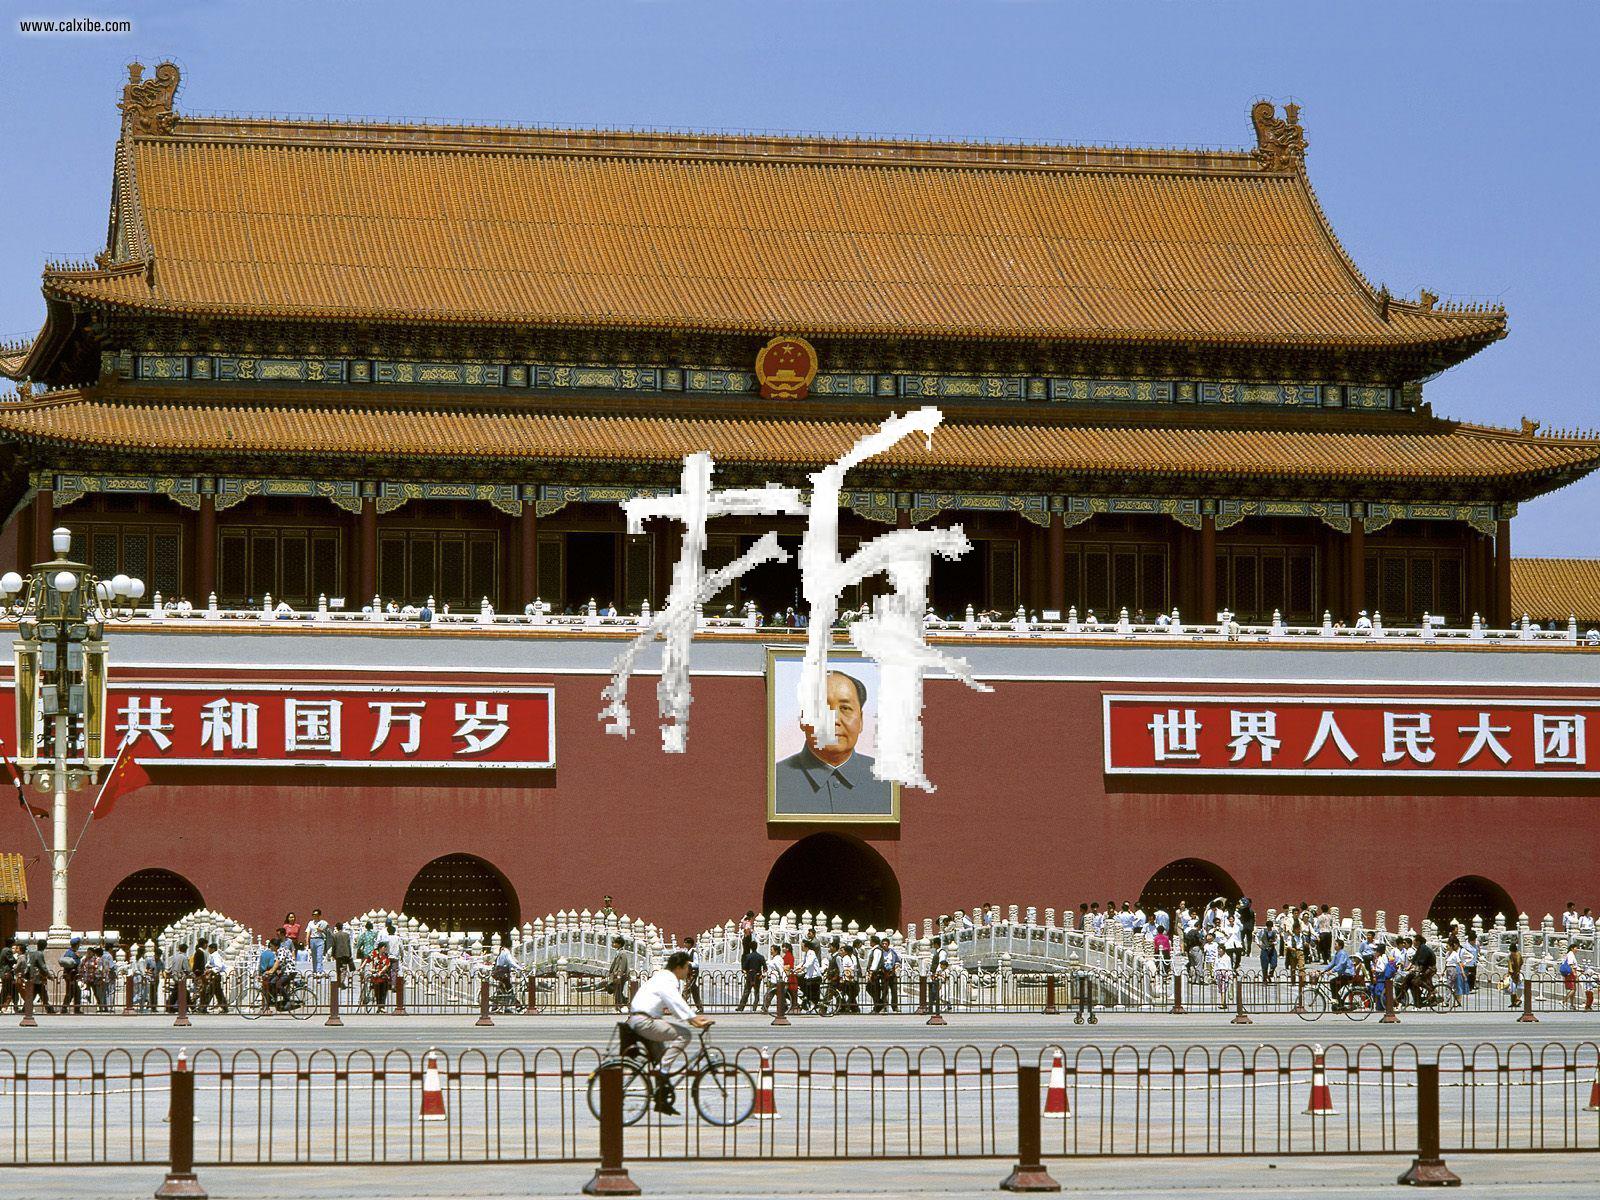 Tiananmen_Gate_Beijing_China - Chai